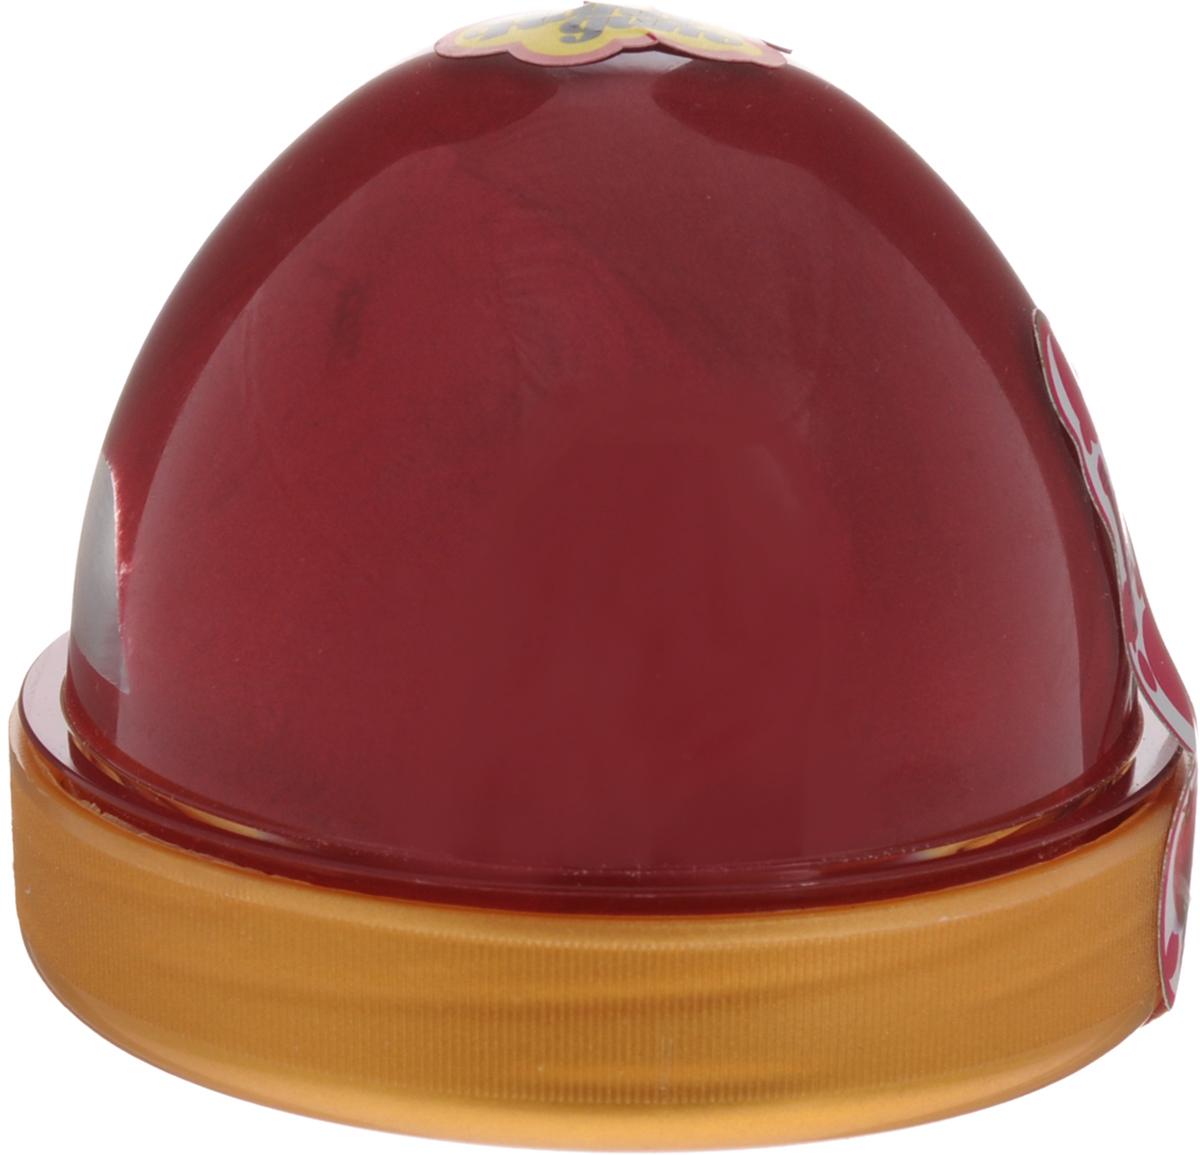 HandGum Жвачка для рук цвет рубиновый 70 г536/70Жвачка для рук HandGum с ароматом граната изготовлена из упругого, пластичного и приятного на ощупь материала, ее можно растягивать, как резину, а если сильно дернуть, то можно порвать. Из нее отлично получаются скульптуры, которые живут считанные минуты, постепенно превращаясь в лужи. Прилепите ее на дверную ручку - и она капнет, скатайте шарик и ударьте об пол - он подпрыгнет. Кубик, кстати, тоже подпрыгнет, но совсем не туда, куда ожидается.